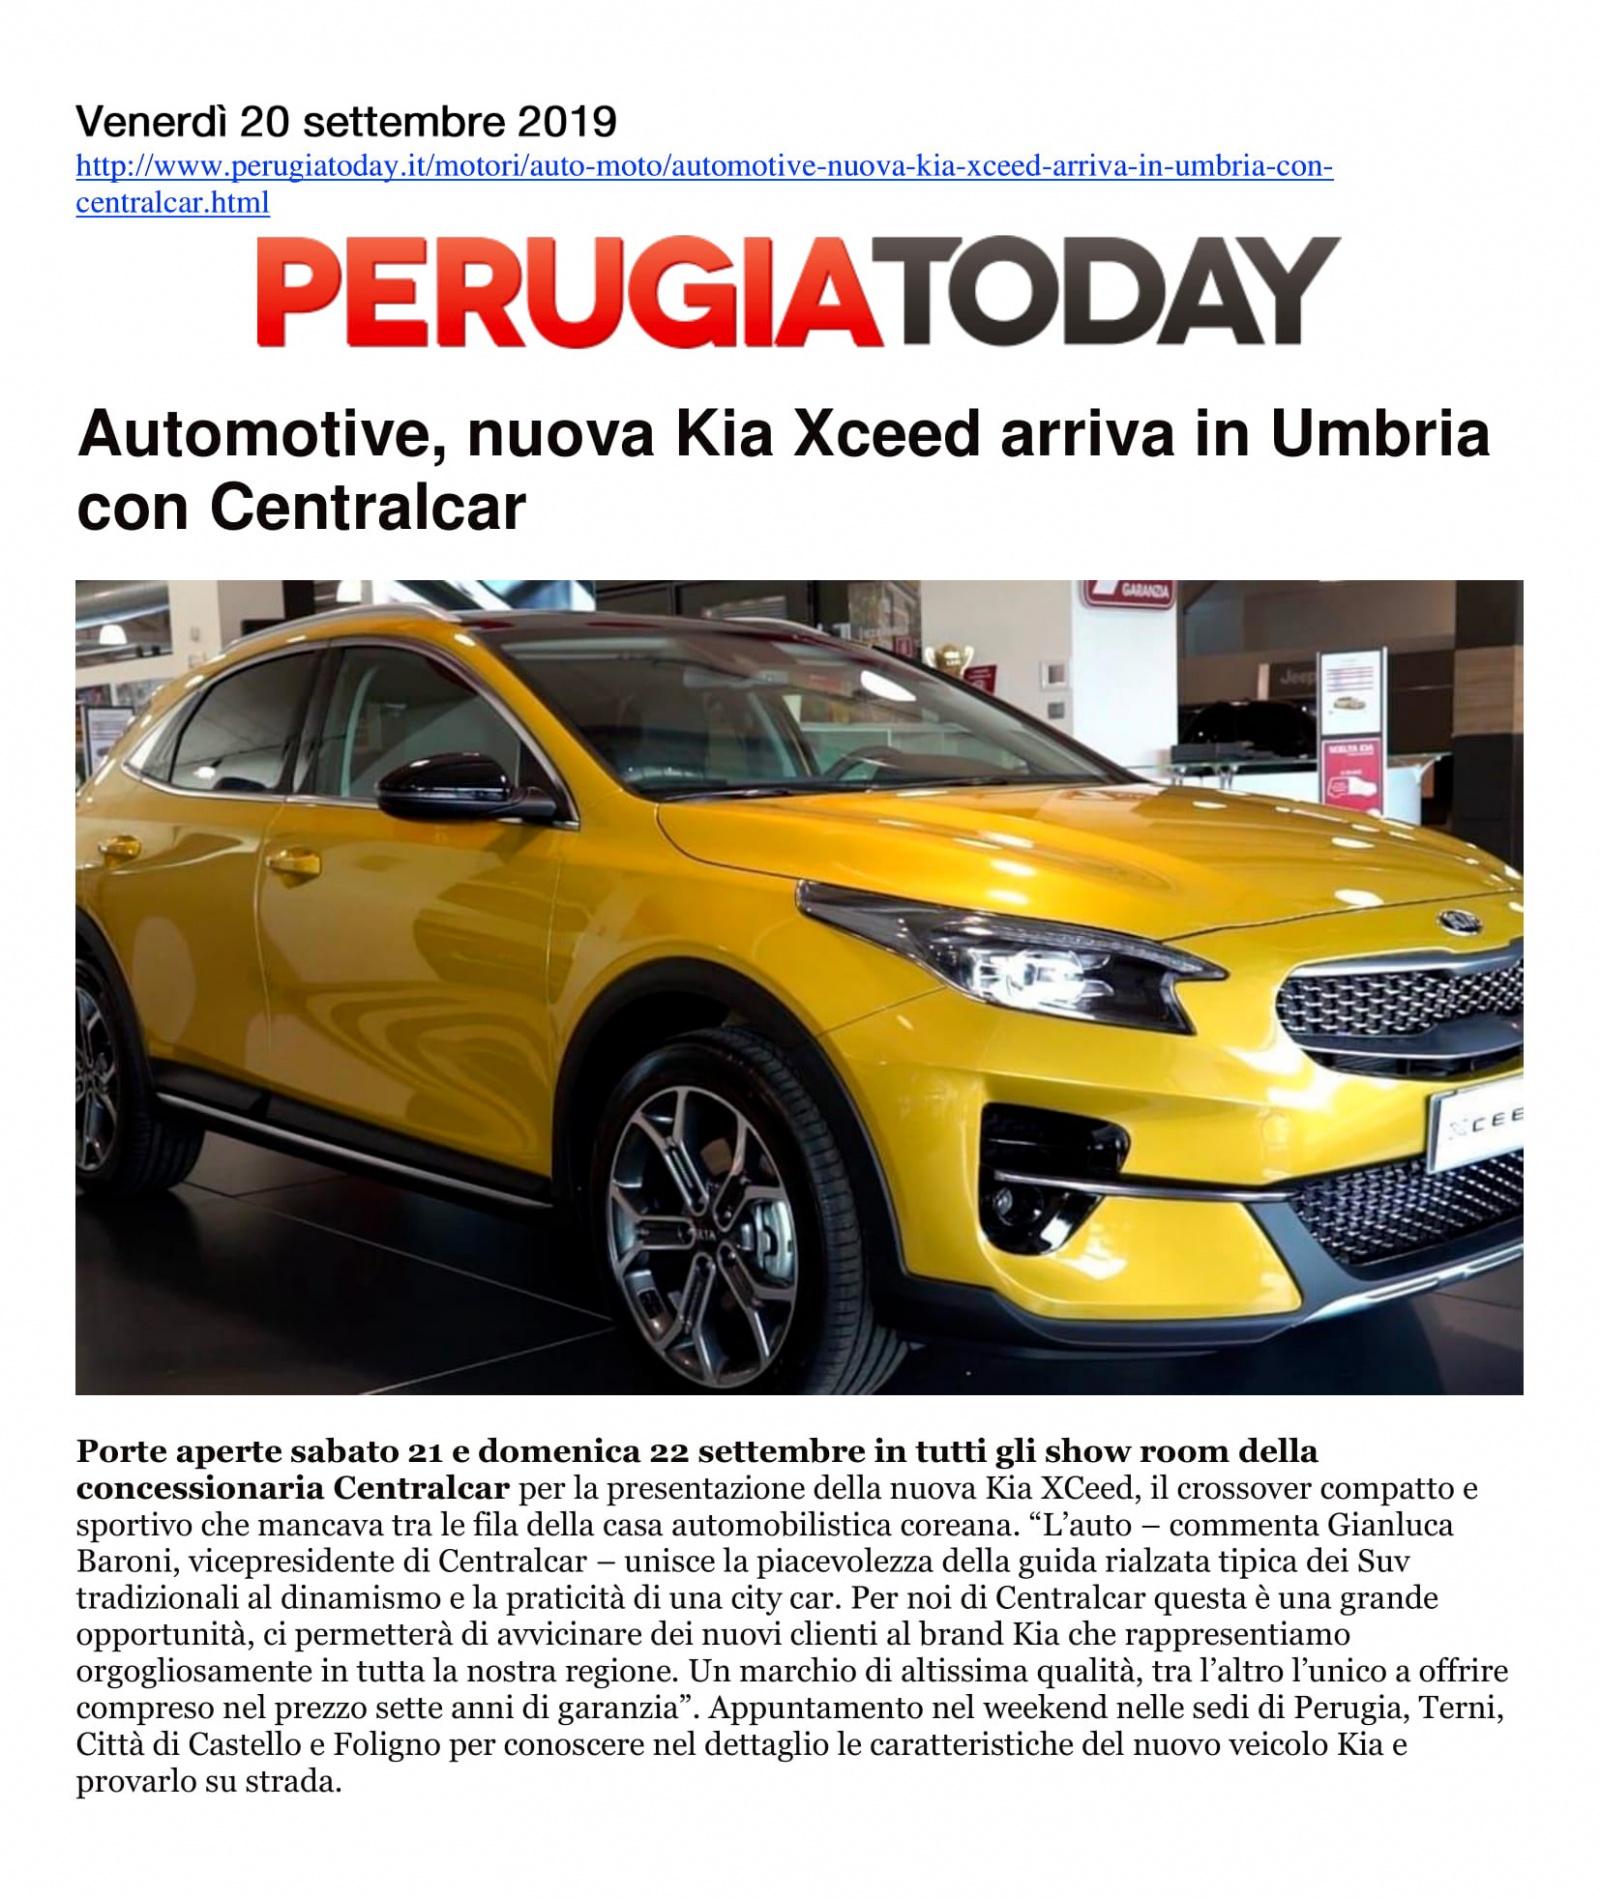 Automotive, nuova Kia XCeed arriva in Umbria con Centralcar